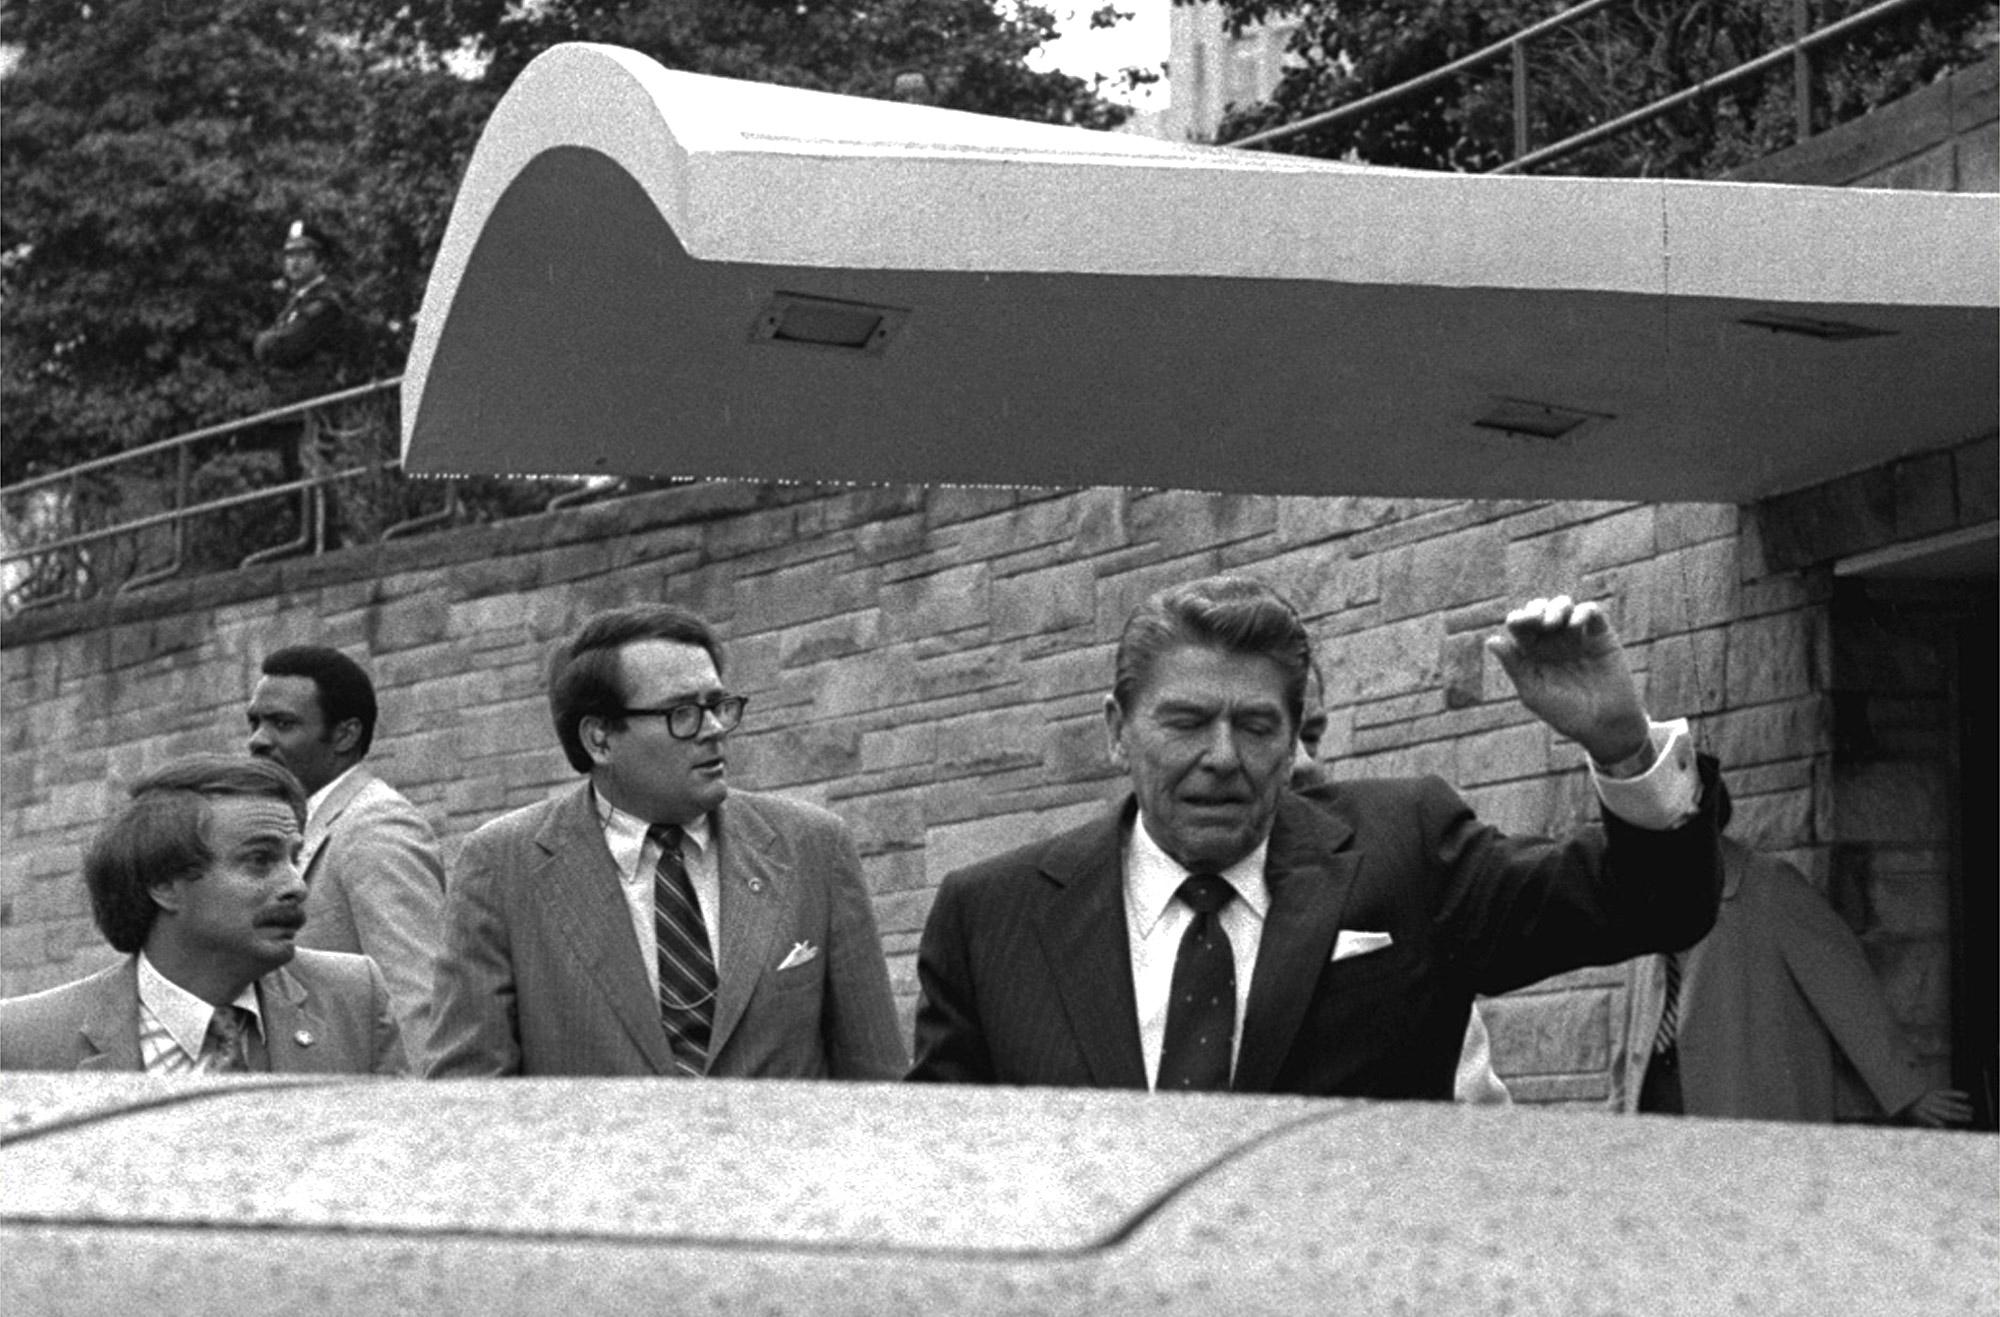 President Ronald Reagan assassination attempt 1981